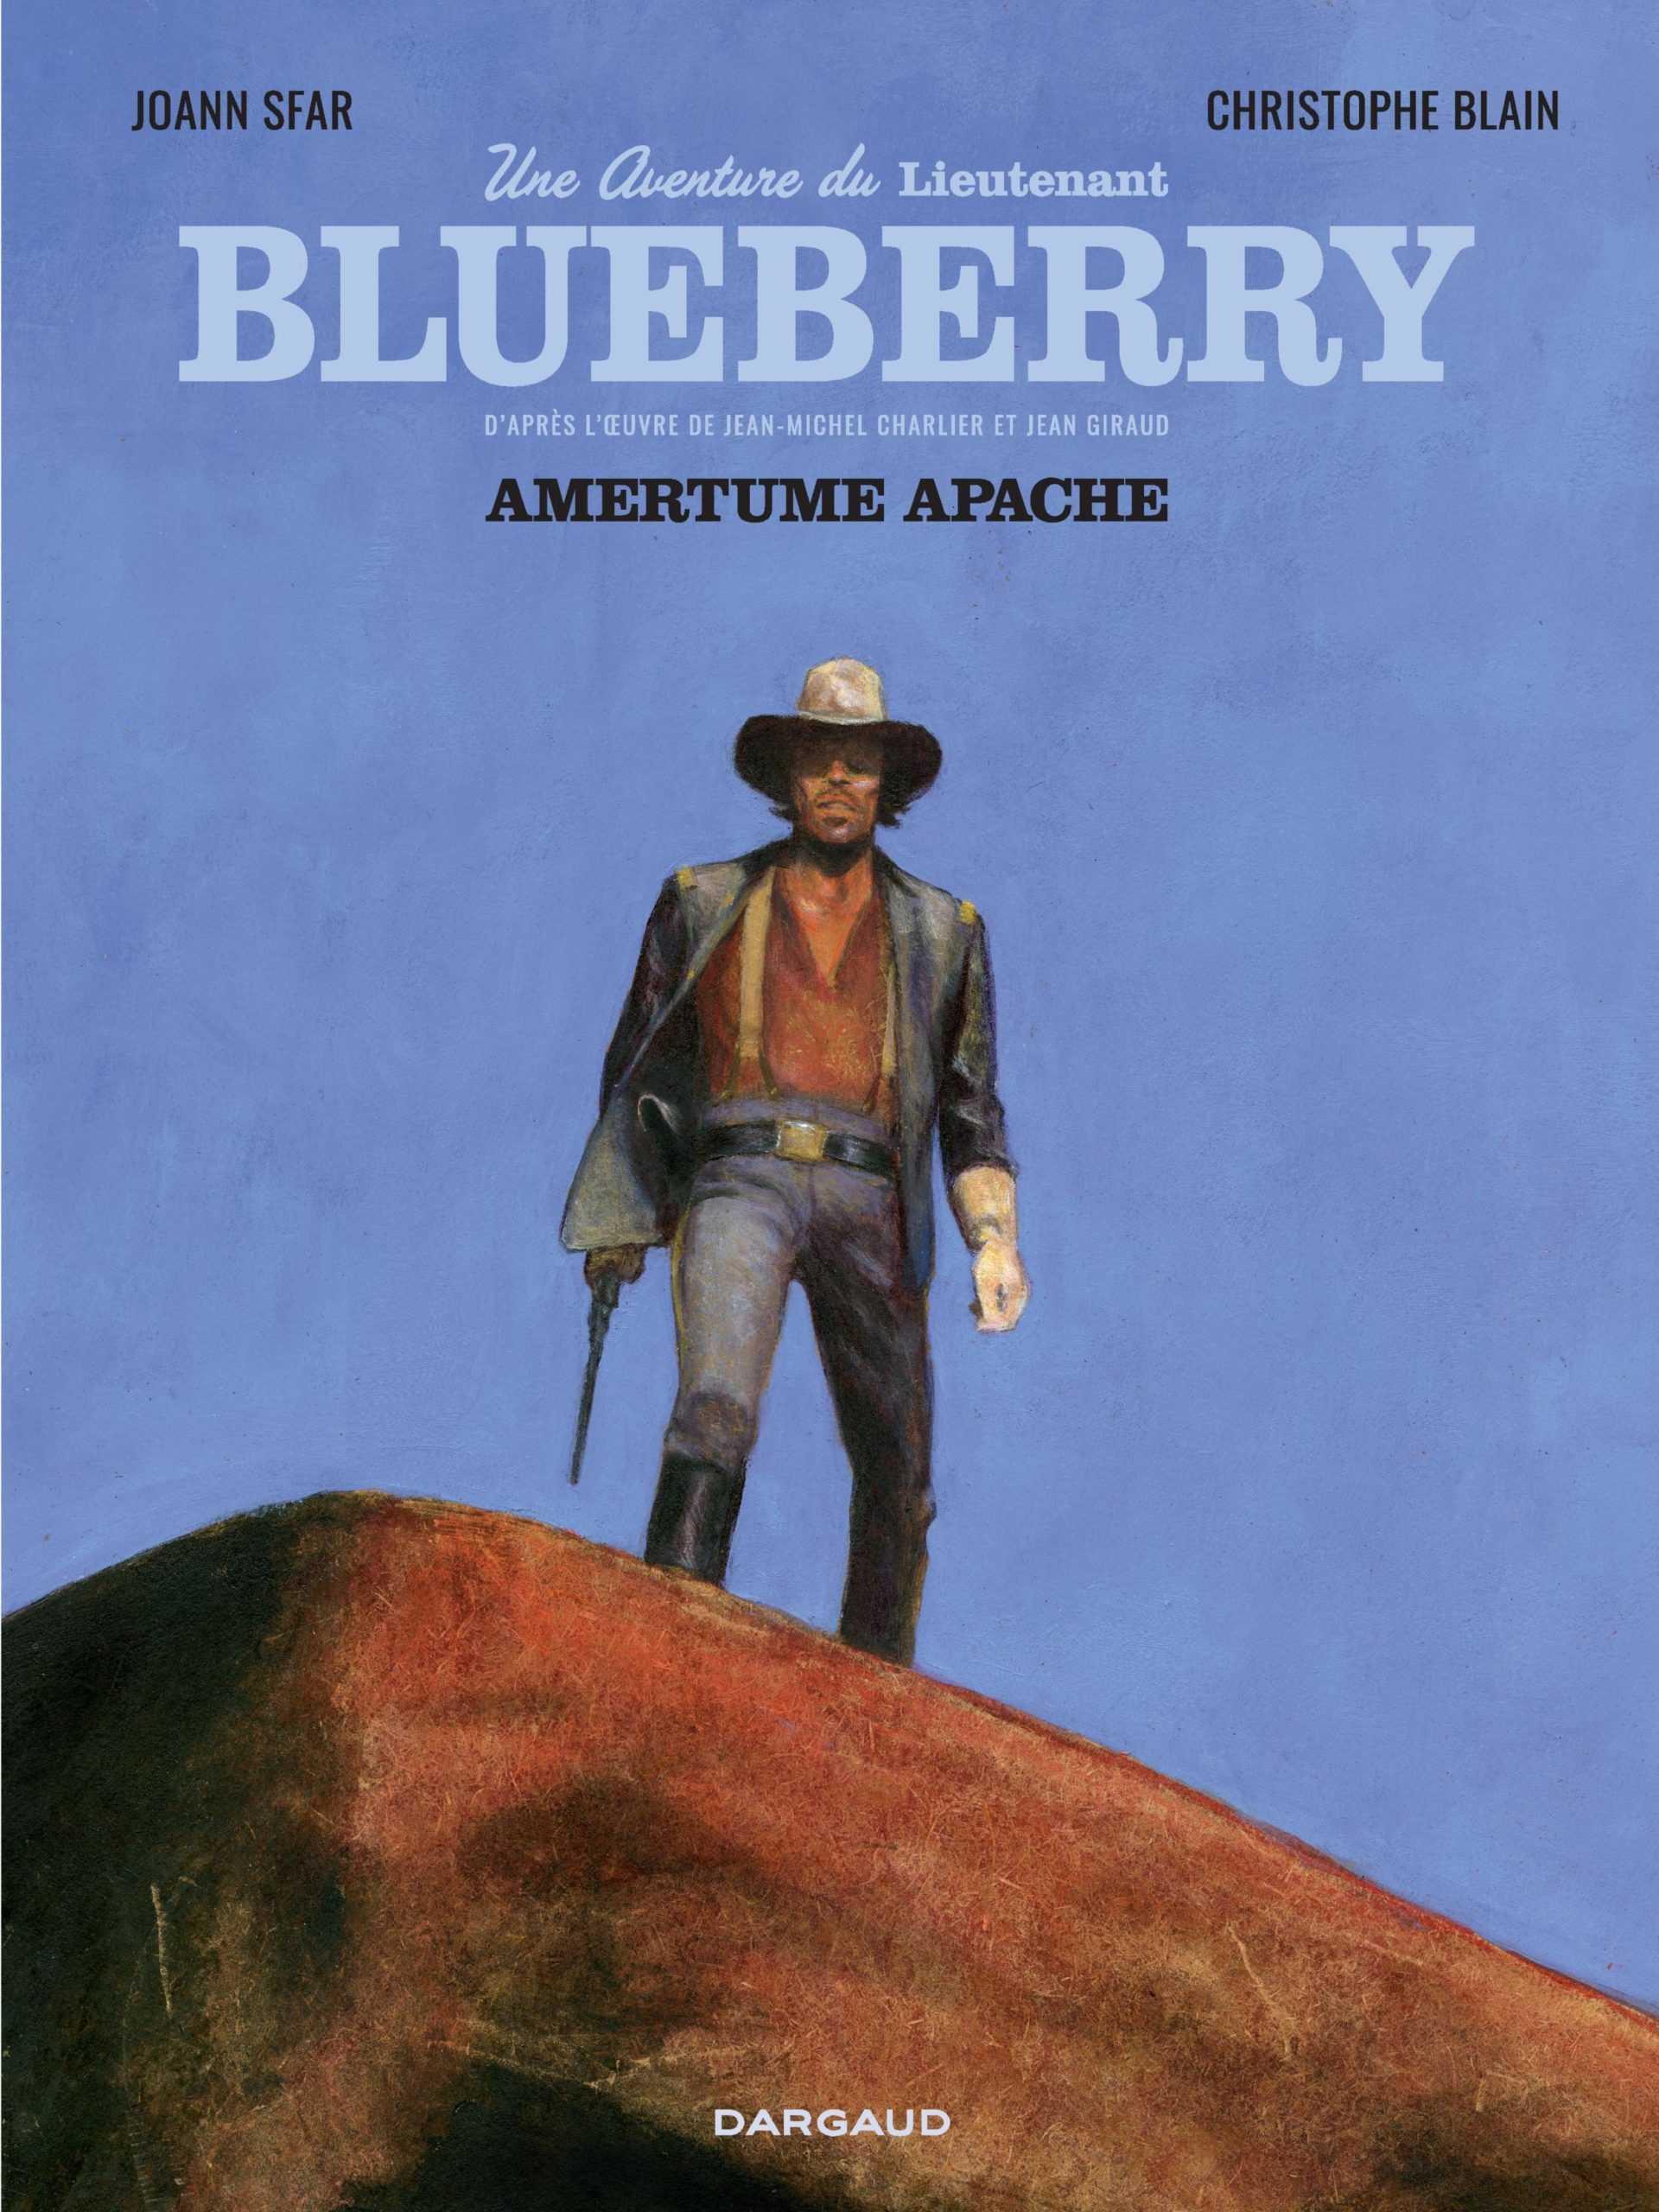 Une aventure du Lieutenant Blueberry, avec Amertume Apache, Sfar et Blain consacrent le mythe